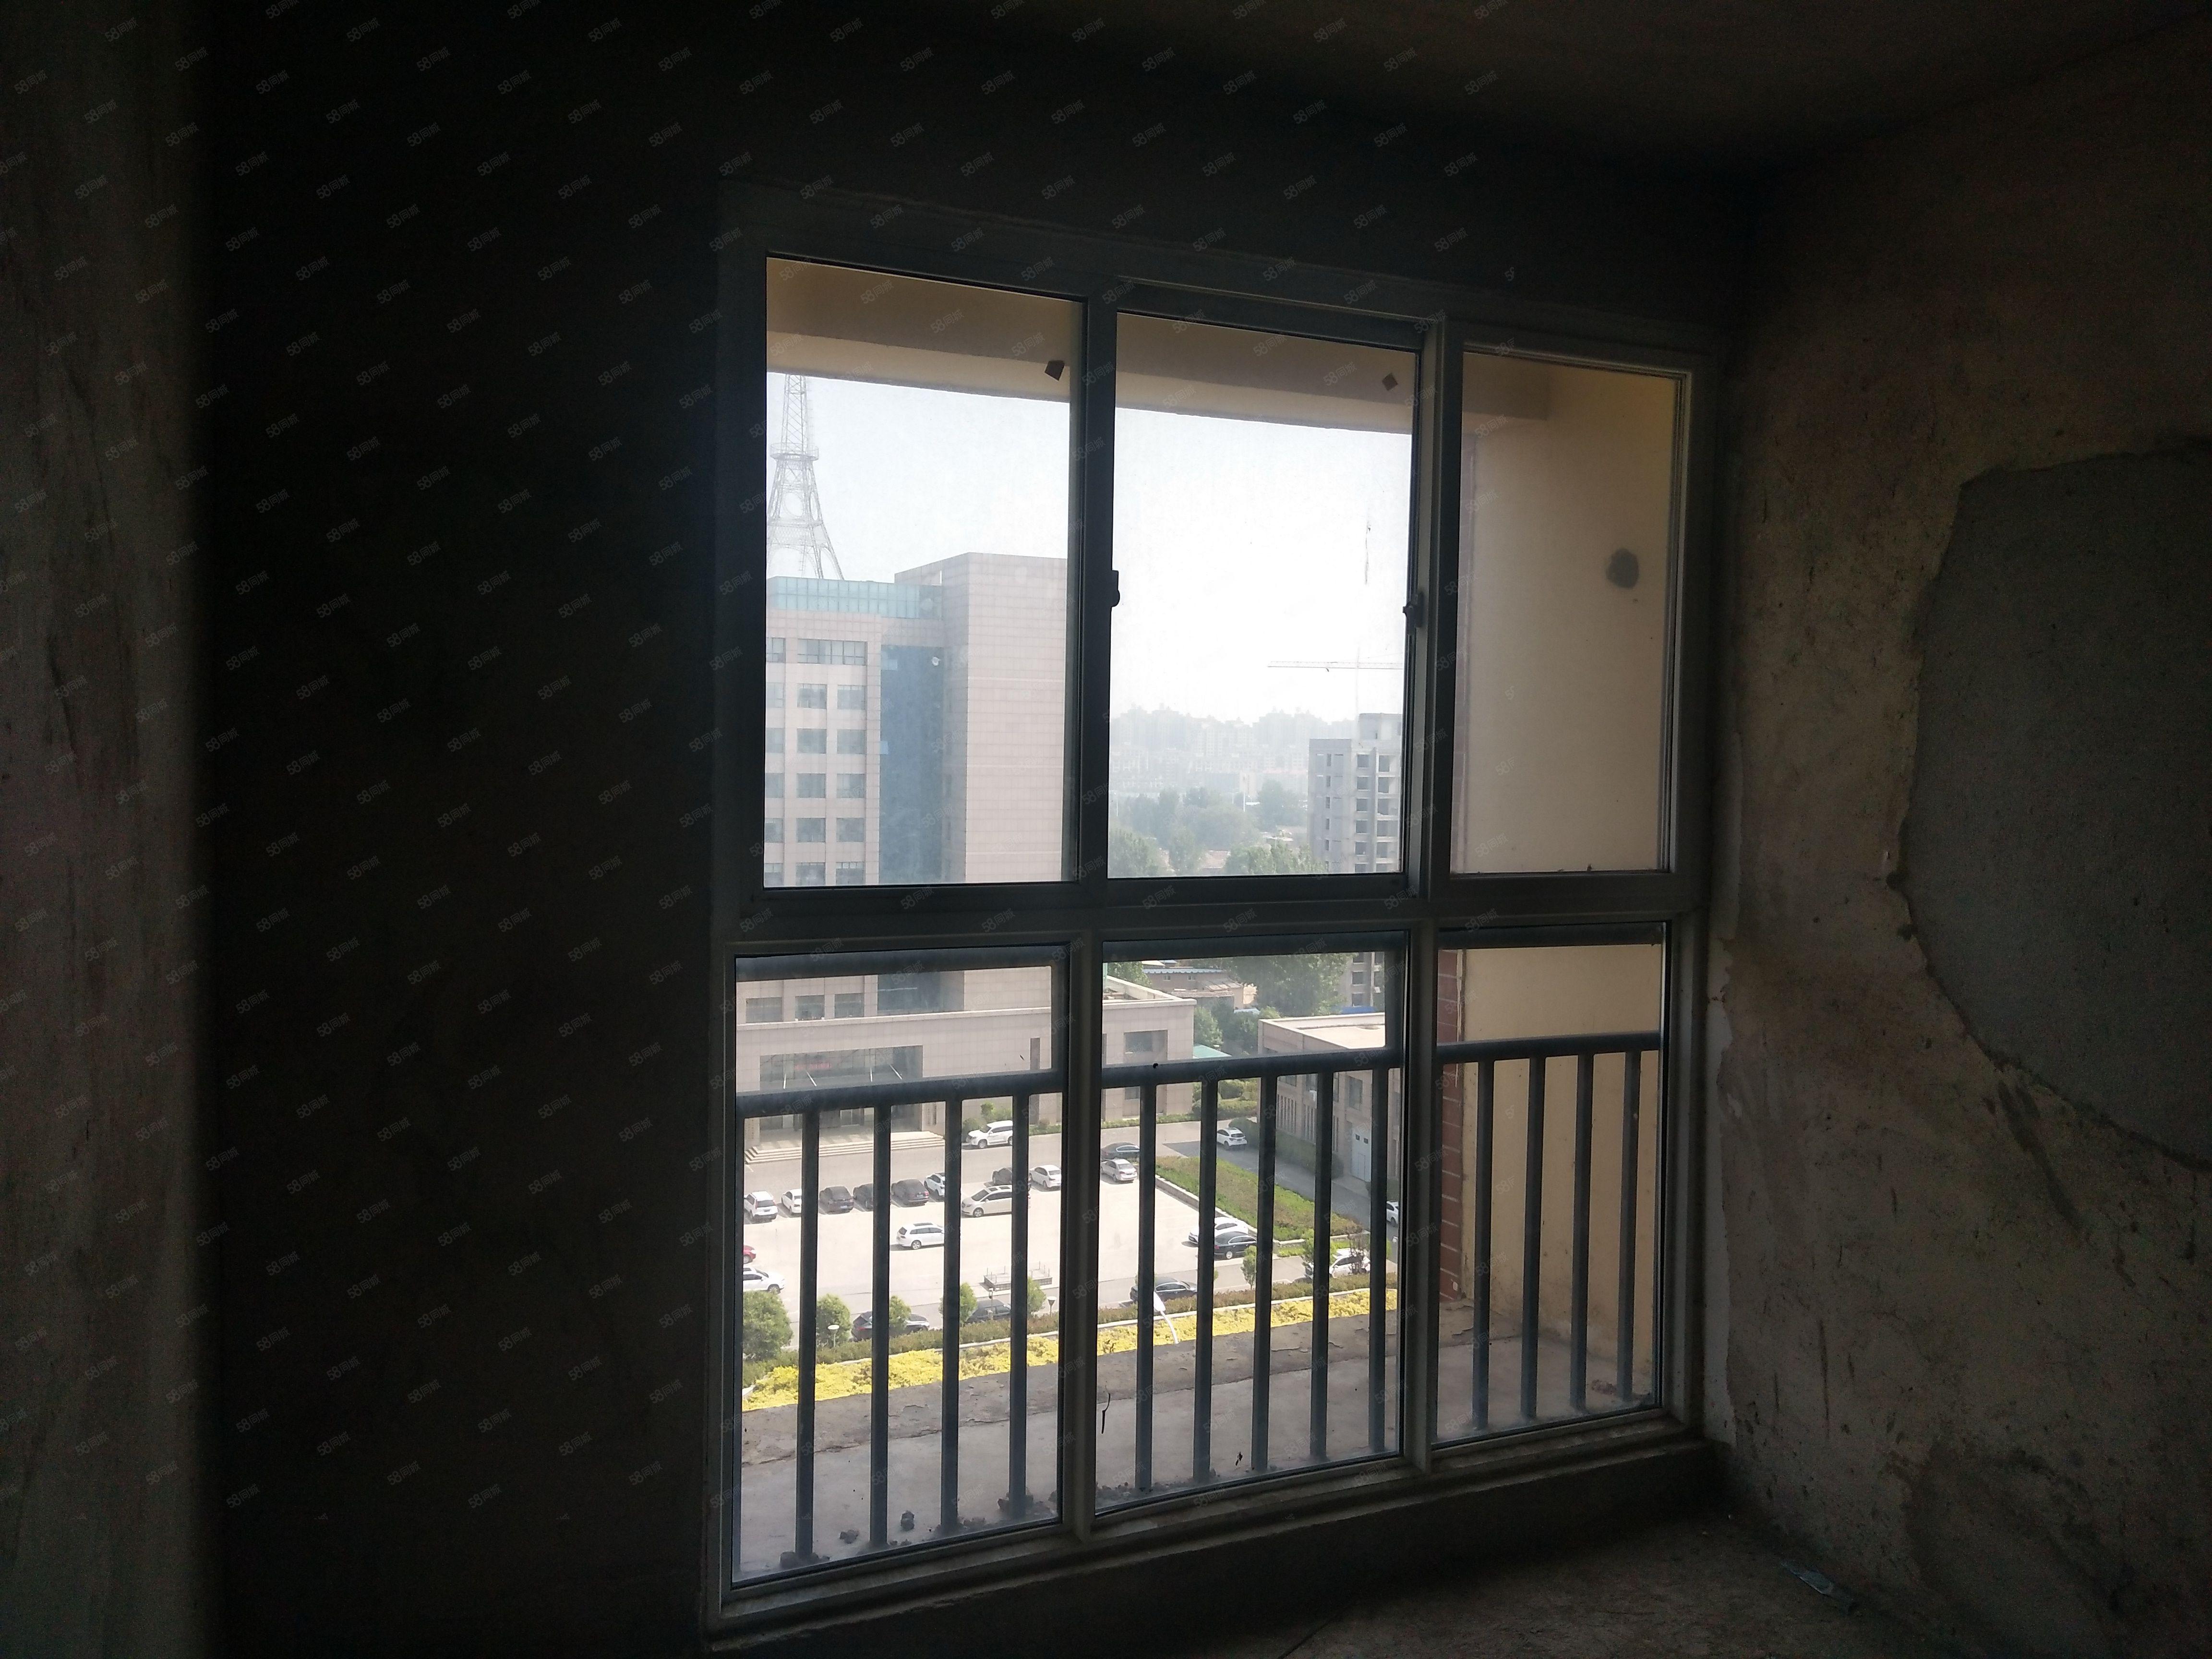 泰和花园电梯三室两卫均价6600可贷款紧挨六中六小